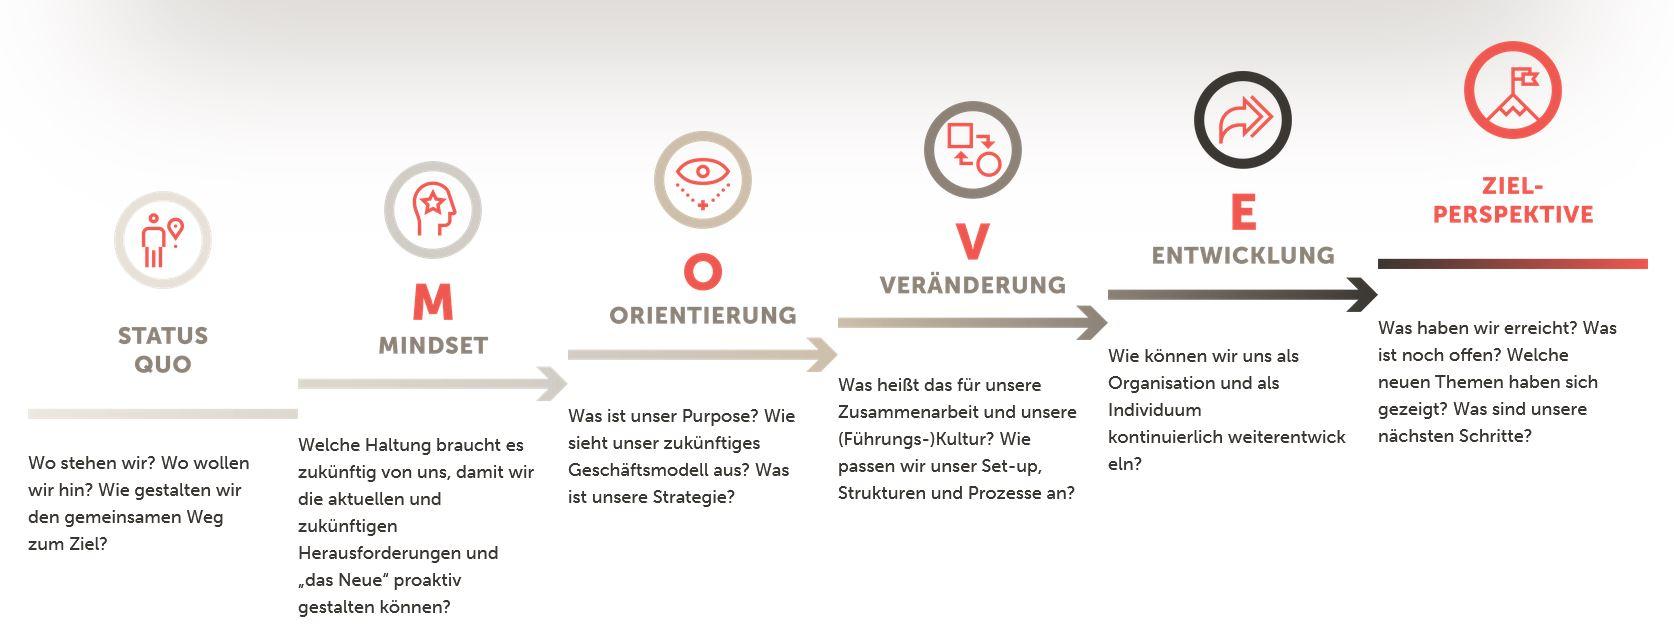 Die Grafik zeigt das von Charlotte Heidsiek entwickelte MOVE-Modell, ihr ganzheitlicher Ansatz für Changeprozesse oder Transformationen.